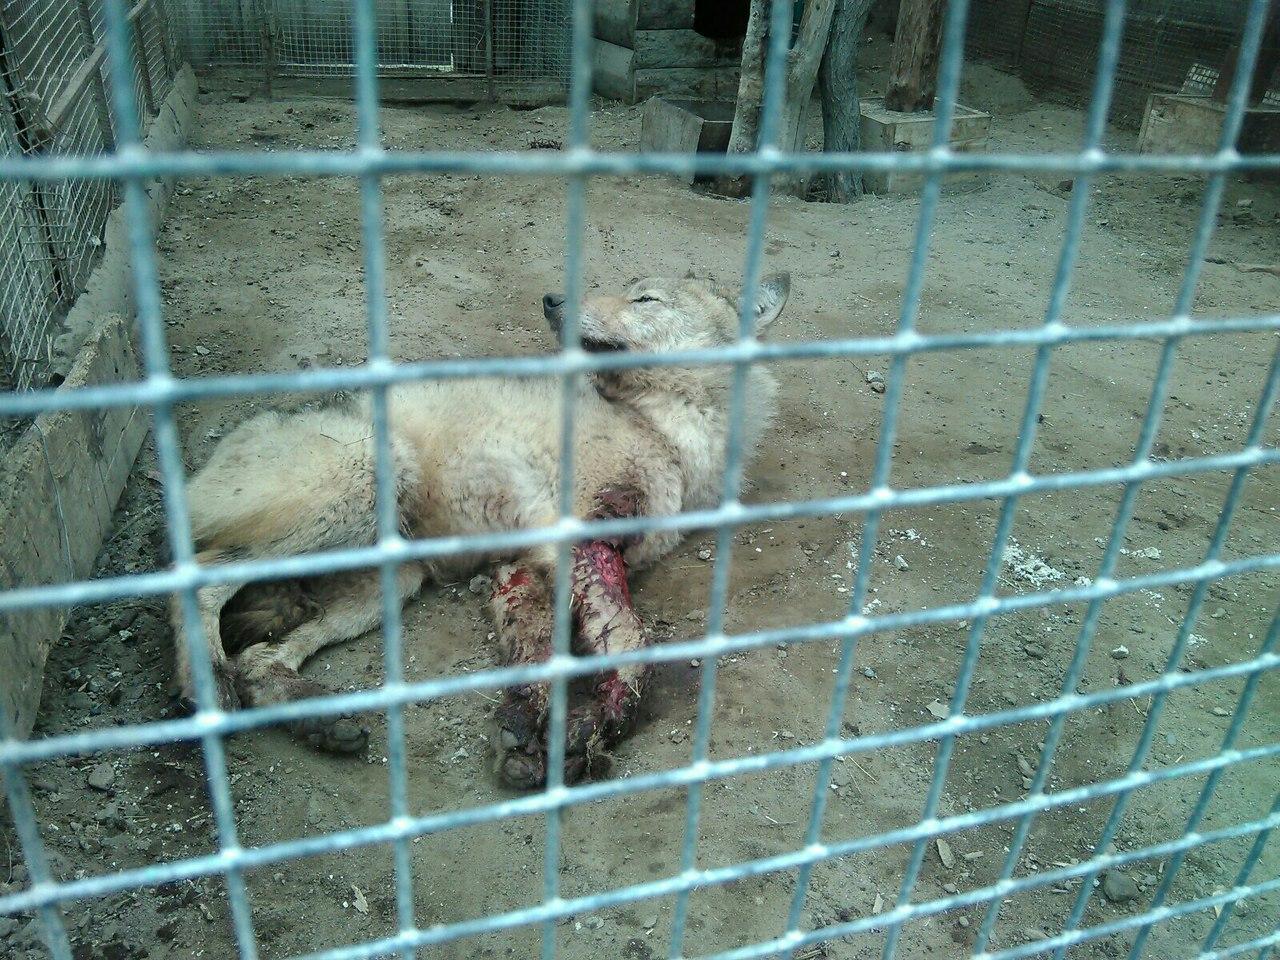 Омичи обеспокоены судьбой волчонка избольшереченского зоопарка